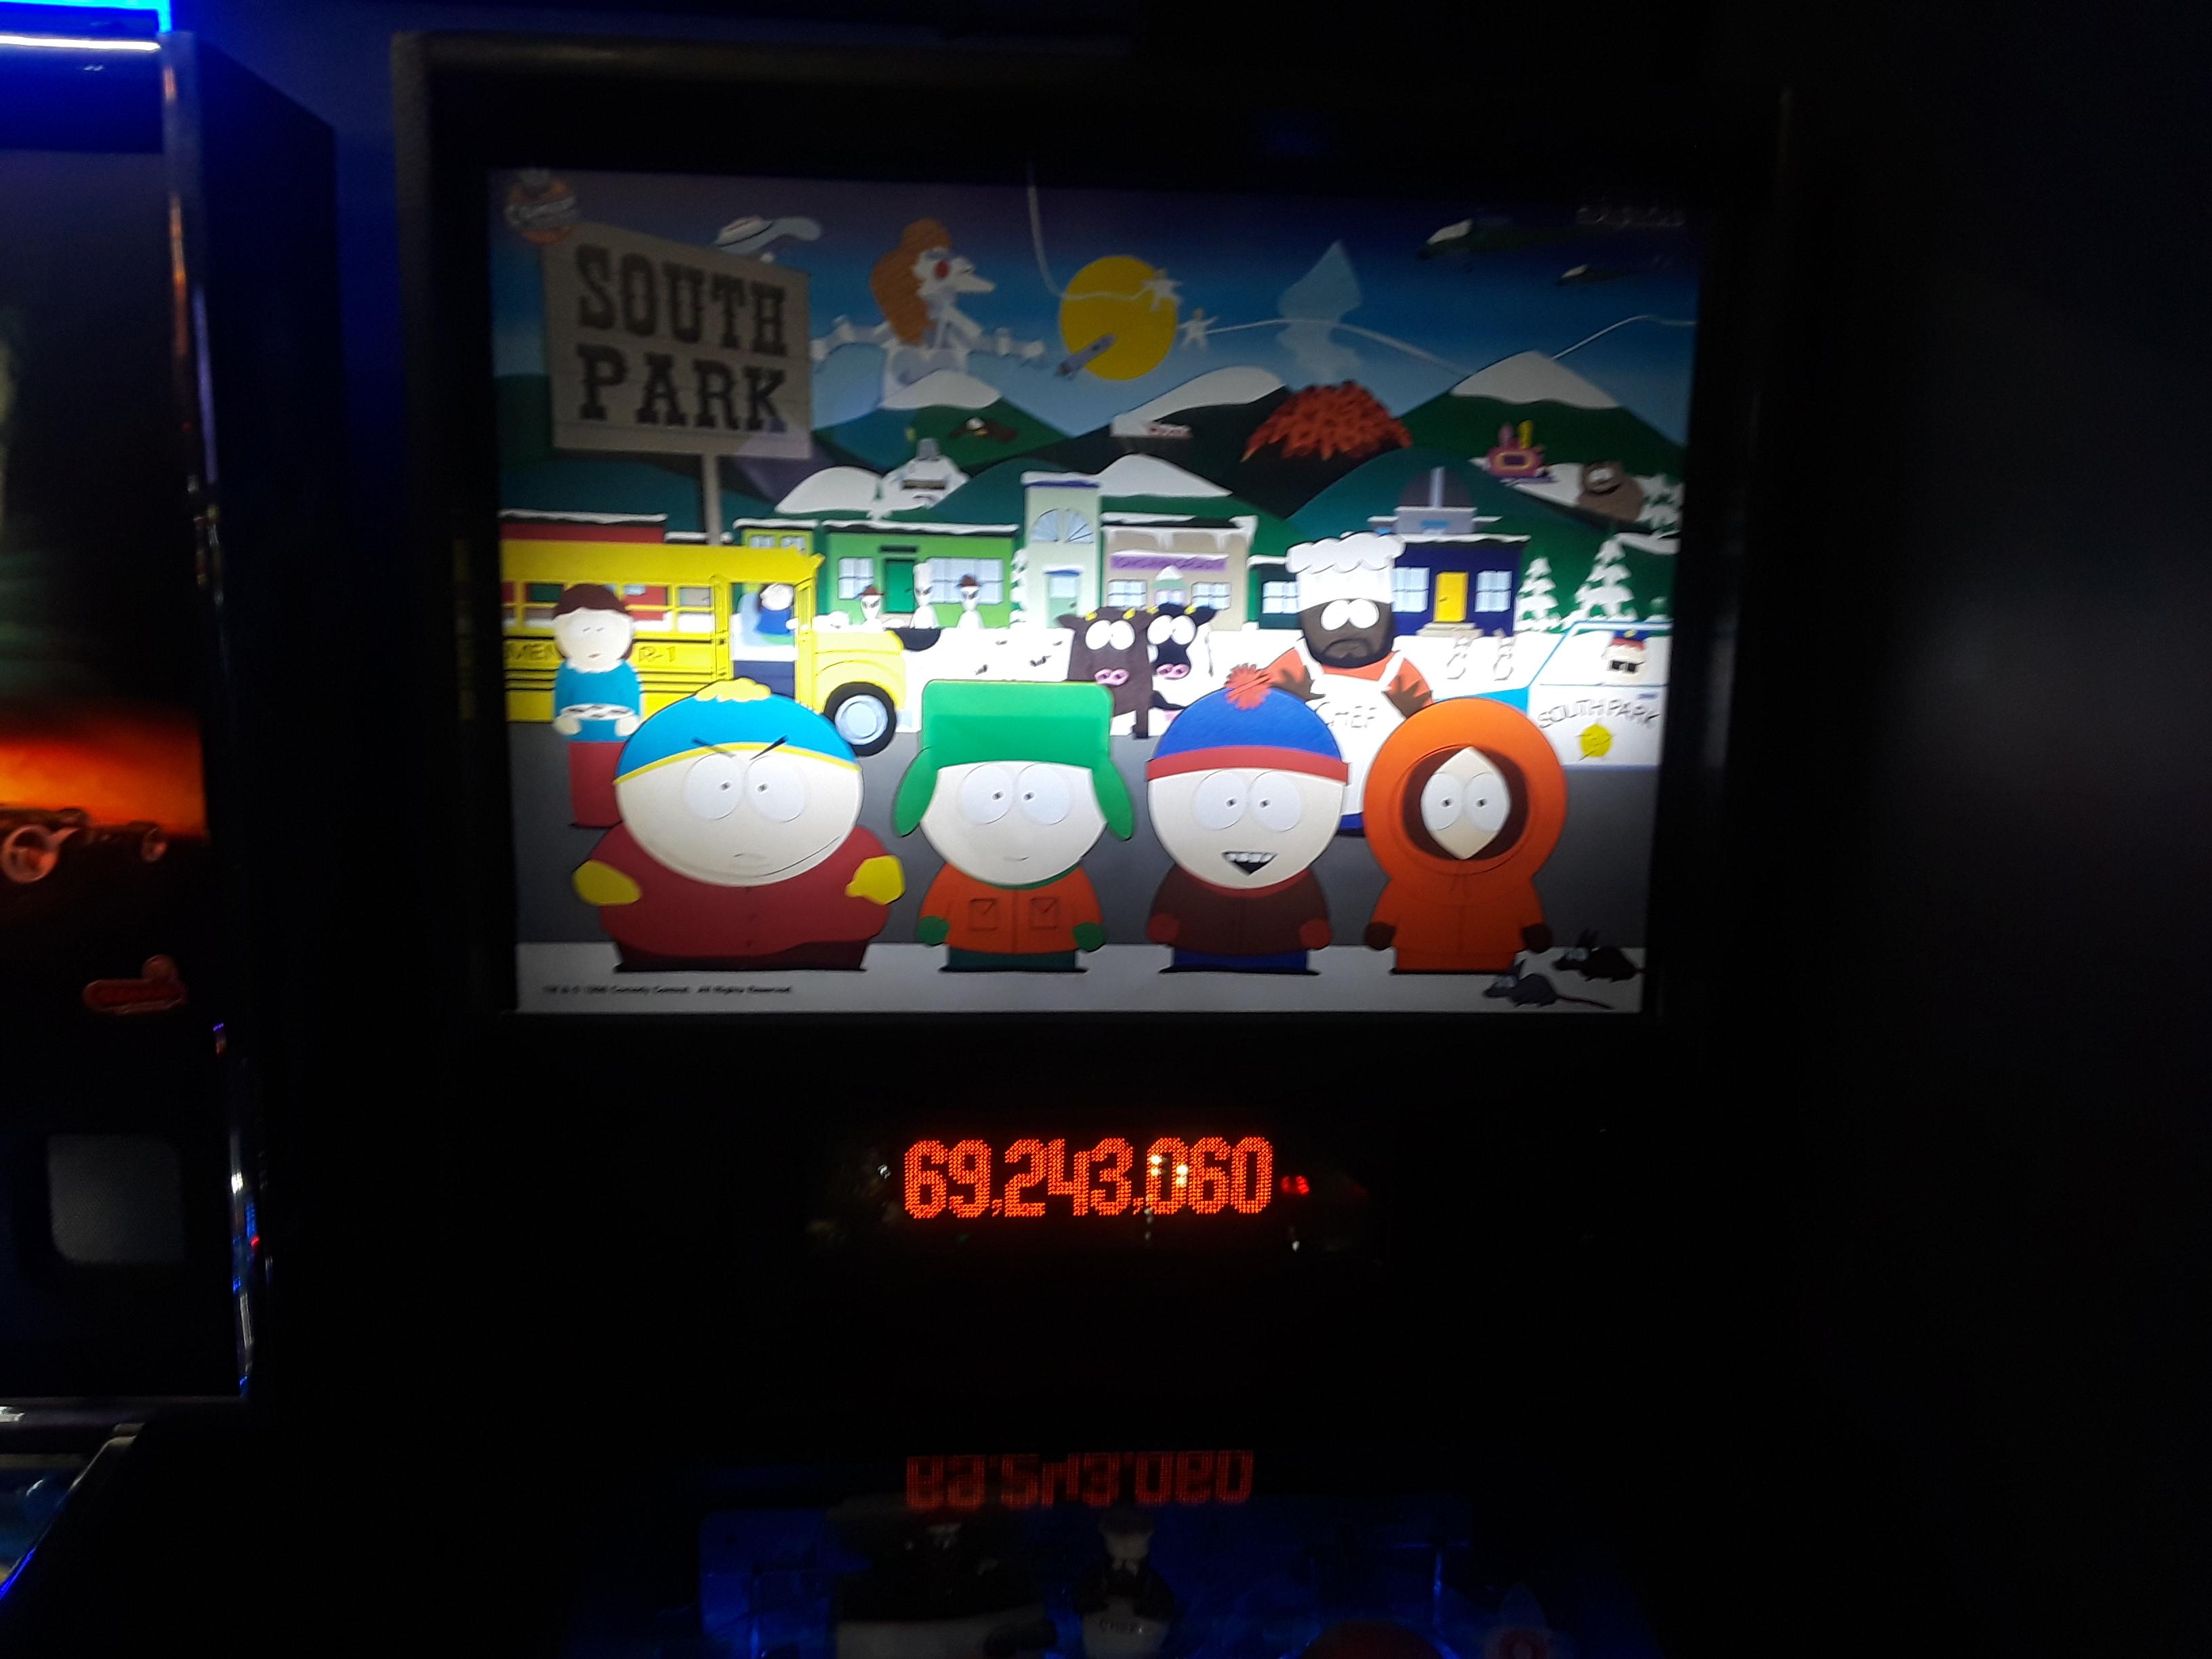 South Park 69,243,060 points